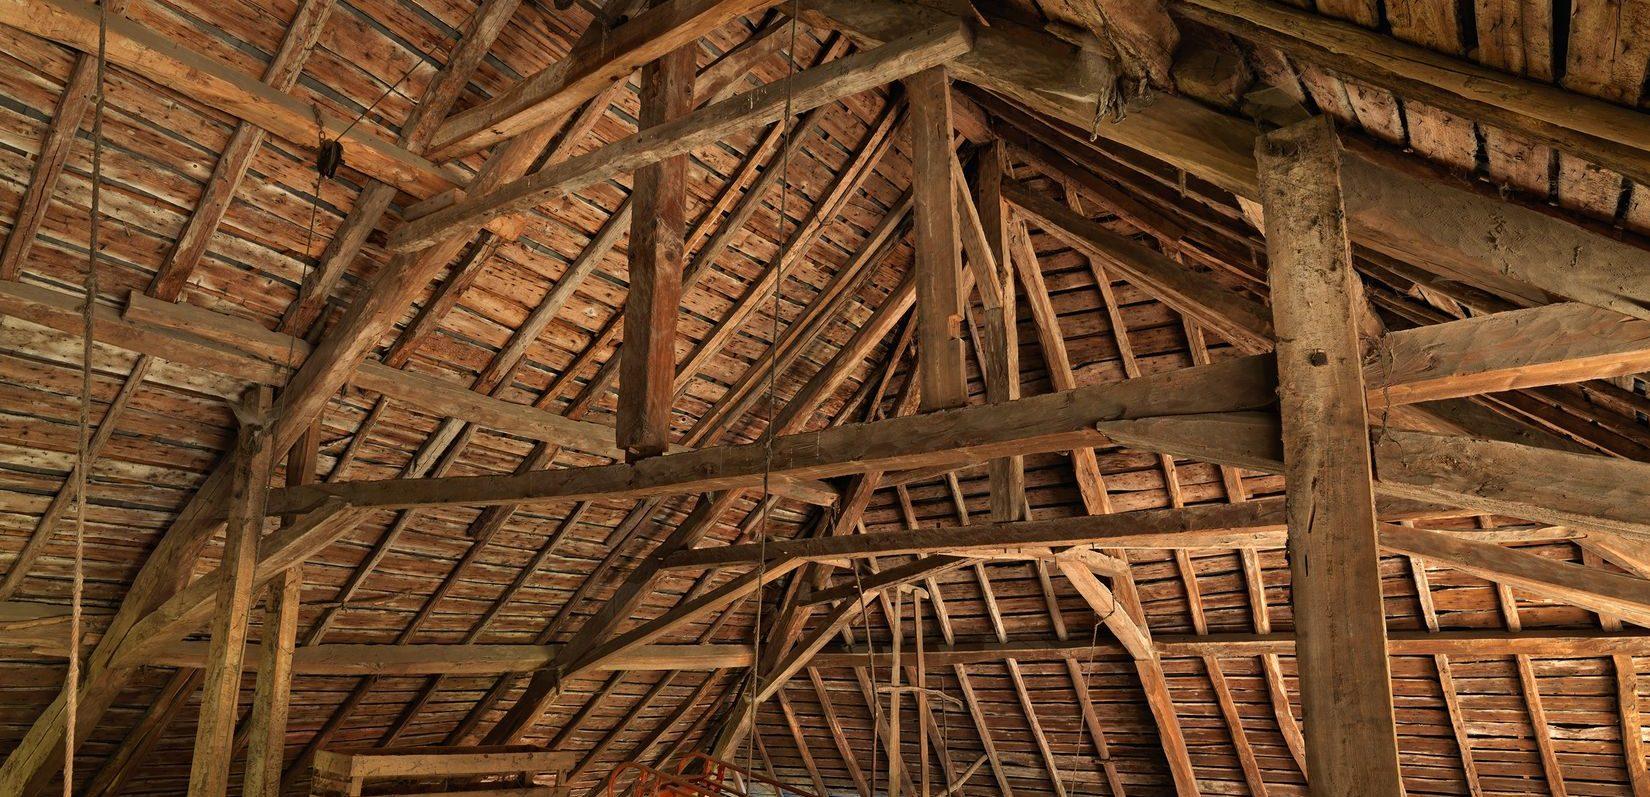 Charpente dans un bâtiment inventorié par le Parc et la Région Auvergne Rhône Alpes, dans le massif des Bauges